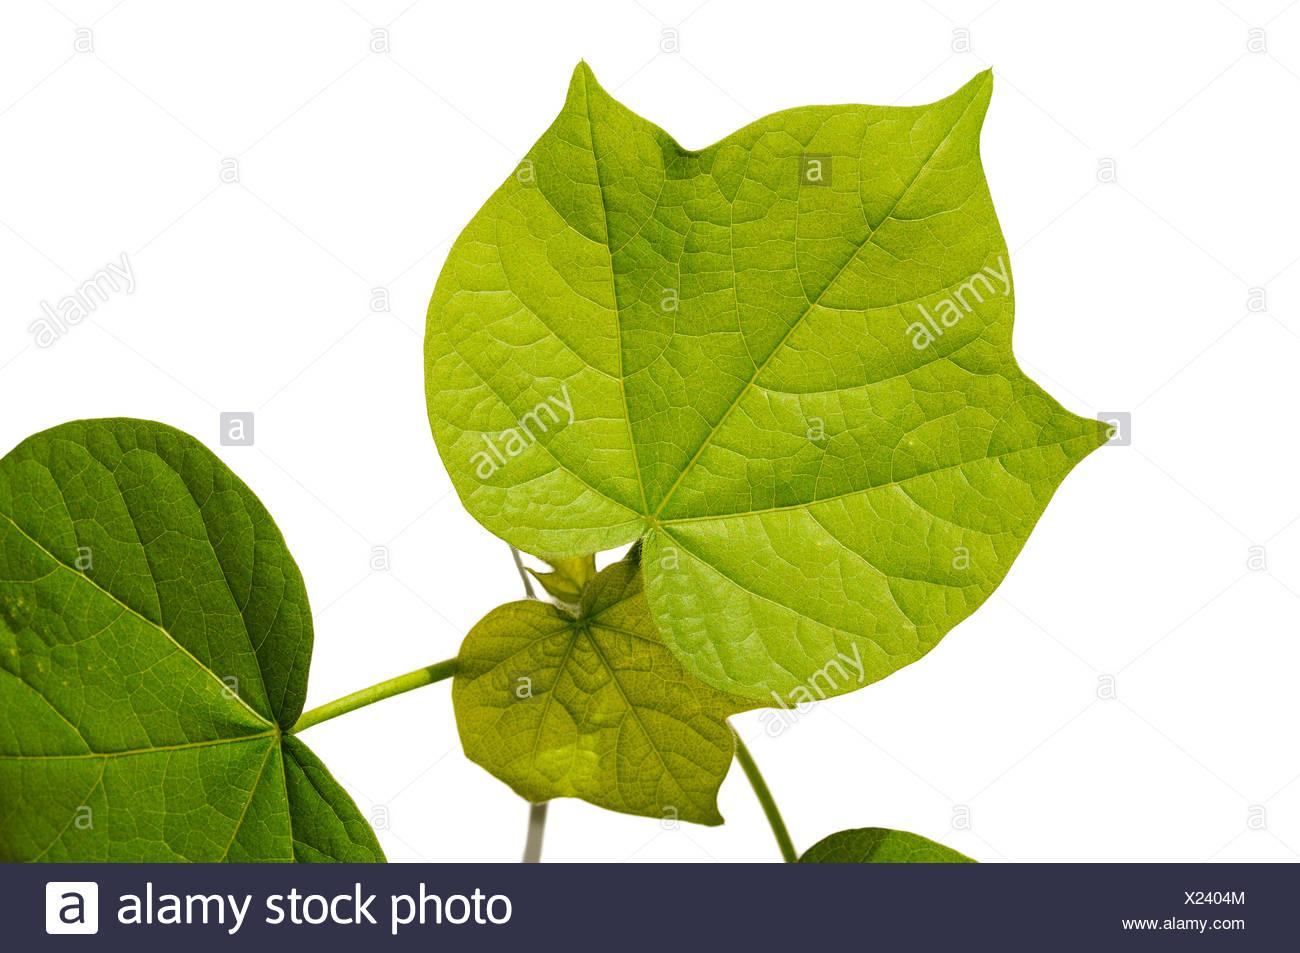 Les feuilles dentelées d'un plant de coton (Gossypium herbaceum) Photo Stock